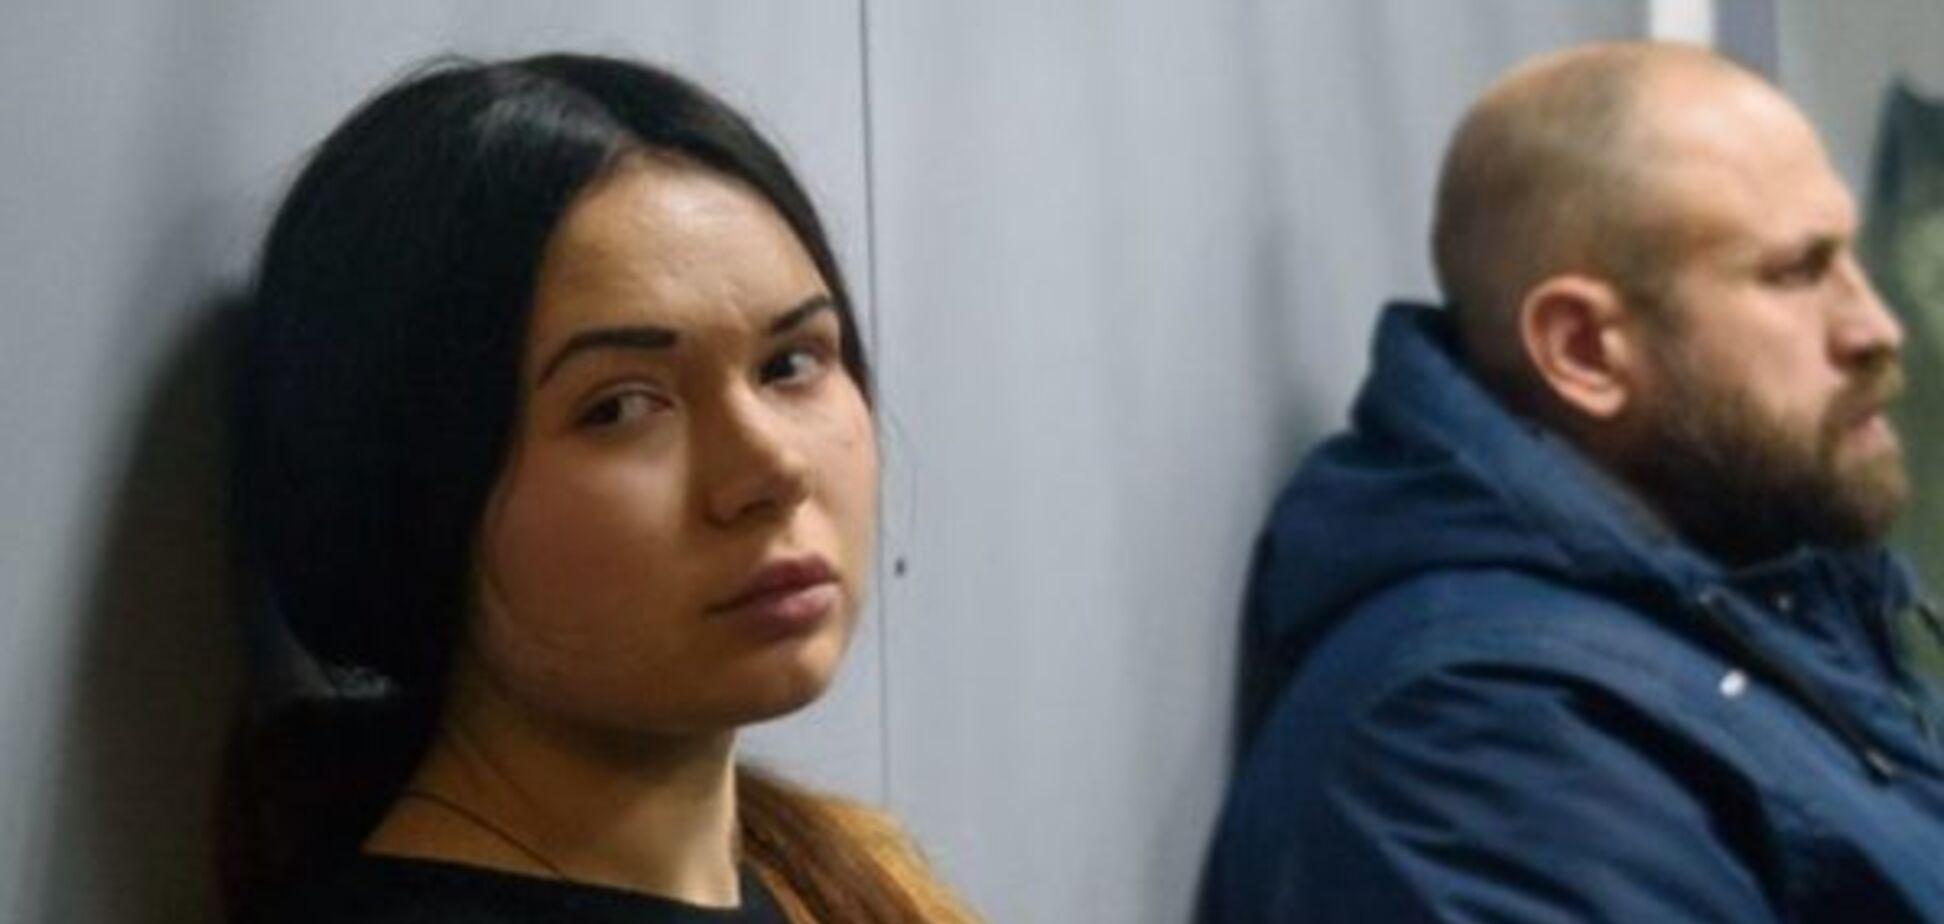 Автошколу, в якій Зайцева отримала права, позбавлять ліцензії